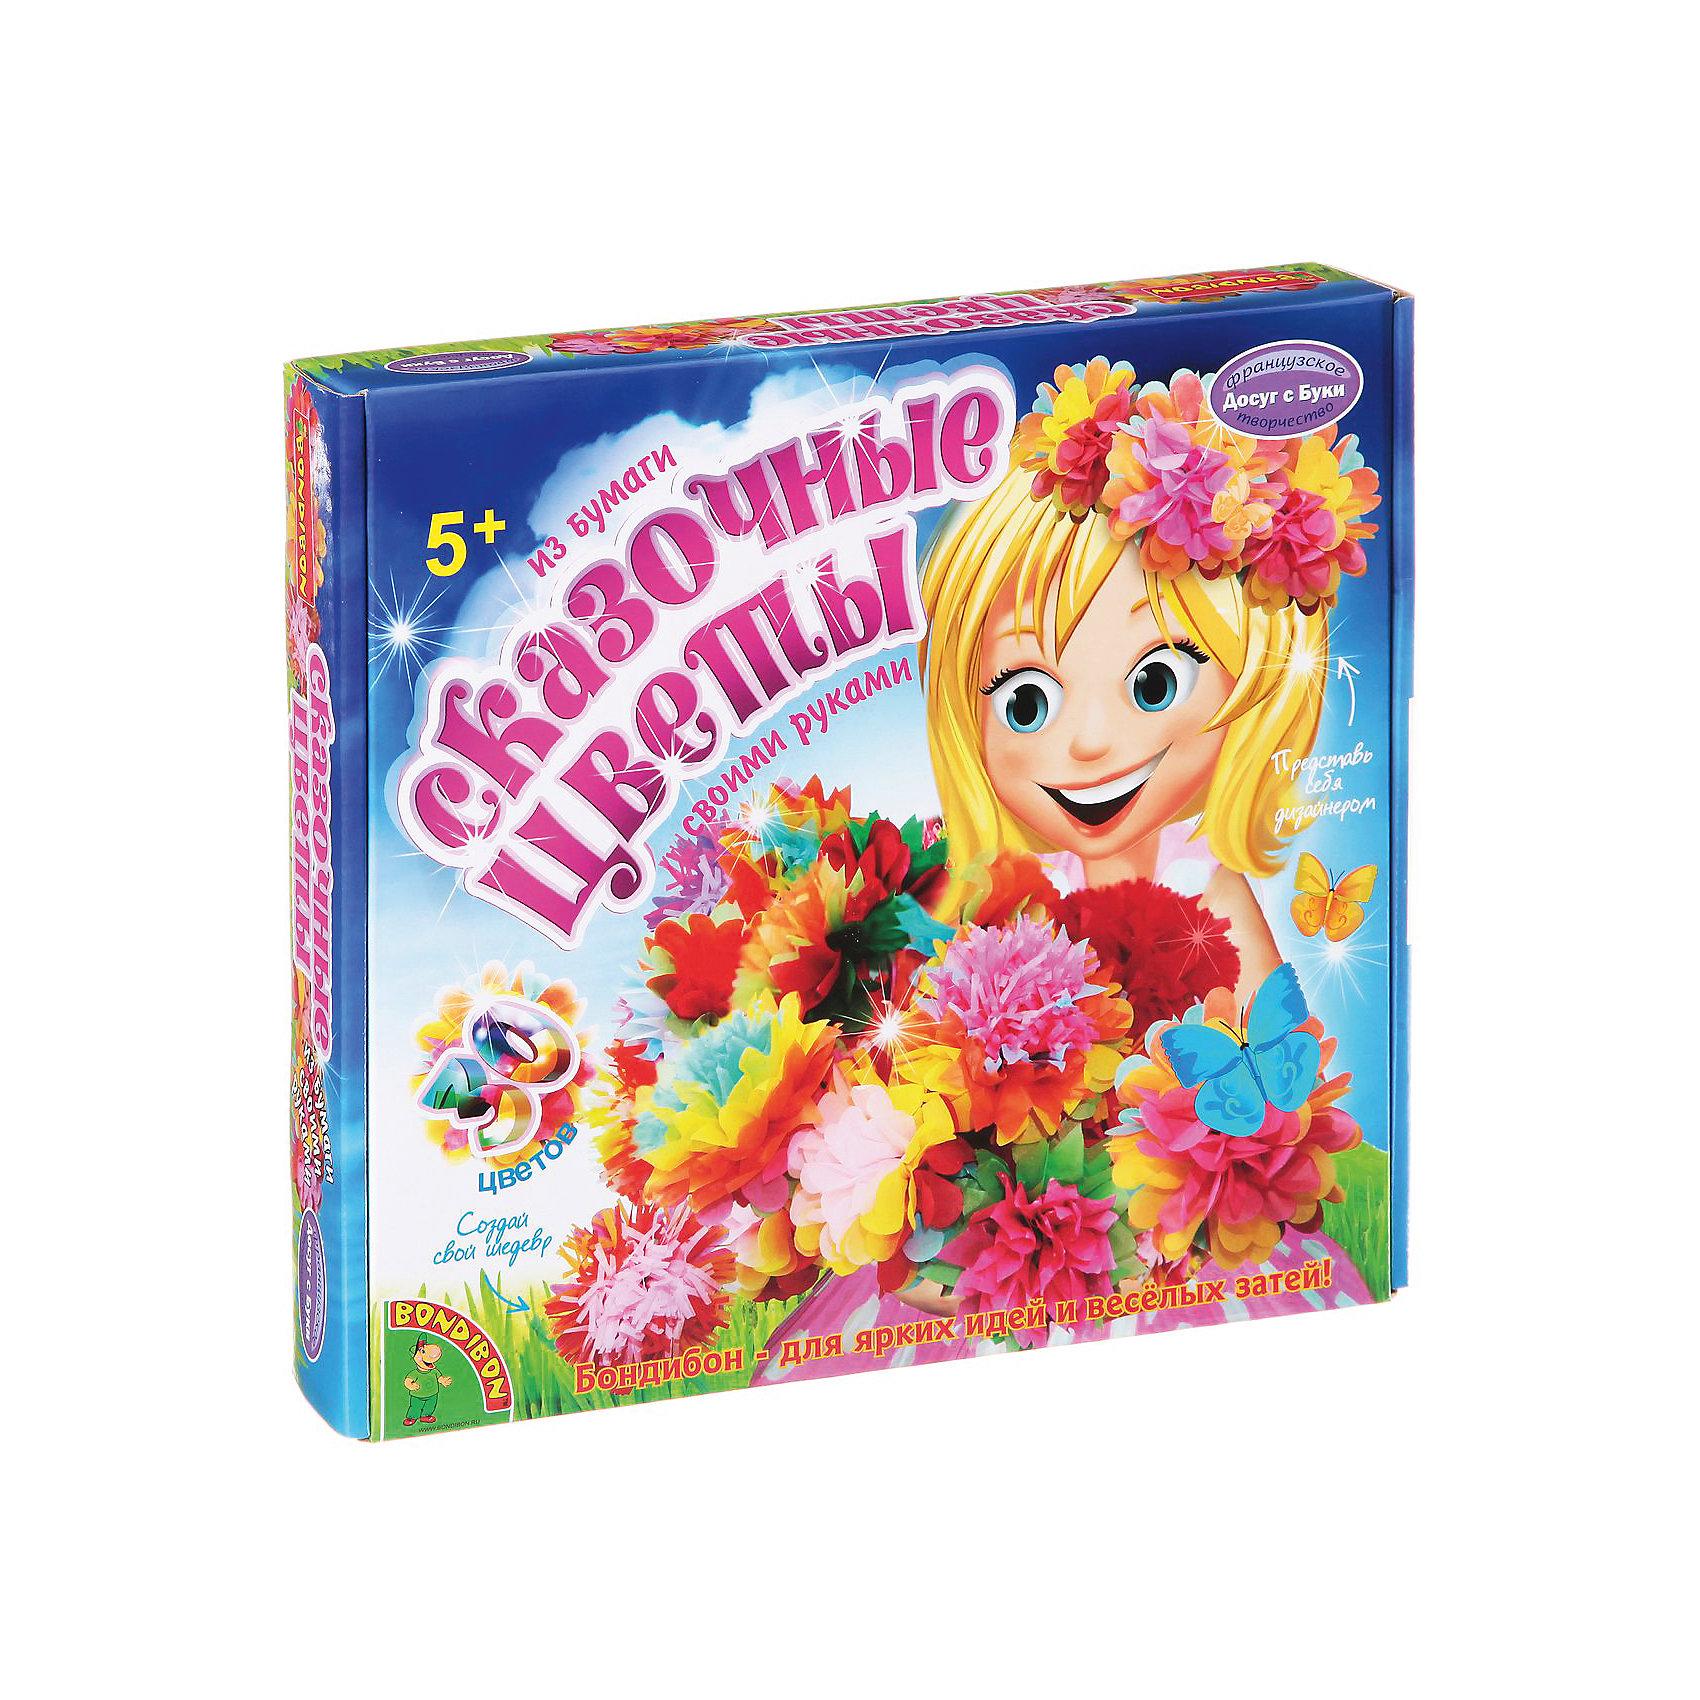 Набор для творчества Сказочные цветыПоследняя цена<br>Набор для творчества Сказочный букет в вазе – делаем подарки своими руками.<br>Красивые яркие цветы из бумаги делаются по очень простой схеме. Даже малыши, самостоятельно, могут сделать такую поделку и подарить потом ее. Дизайн цветов ребенок может выбрать самостоятельно, комбинируя элементы по собственному желанию. Точно также и с вазой, которую дети самостоятельно декорируют с помощью необычных наклеек.<br><br><br>Дополнительная информация:<br><br>- возраст: от 5 лет<br>- материал: бумага, картон, краситель<br>- количество деталей: 30<br><br>Набор для творчества Сказочный букет в вазе можно купить в нашем интернет магазине.<br><br>Ширина мм: 25<br>Глубина мм: 4<br>Высота мм: 27<br>Вес г: 355<br>Возраст от месяцев: 60<br>Возраст до месяцев: 144<br>Пол: Женский<br>Возраст: Детский<br>SKU: 4993112